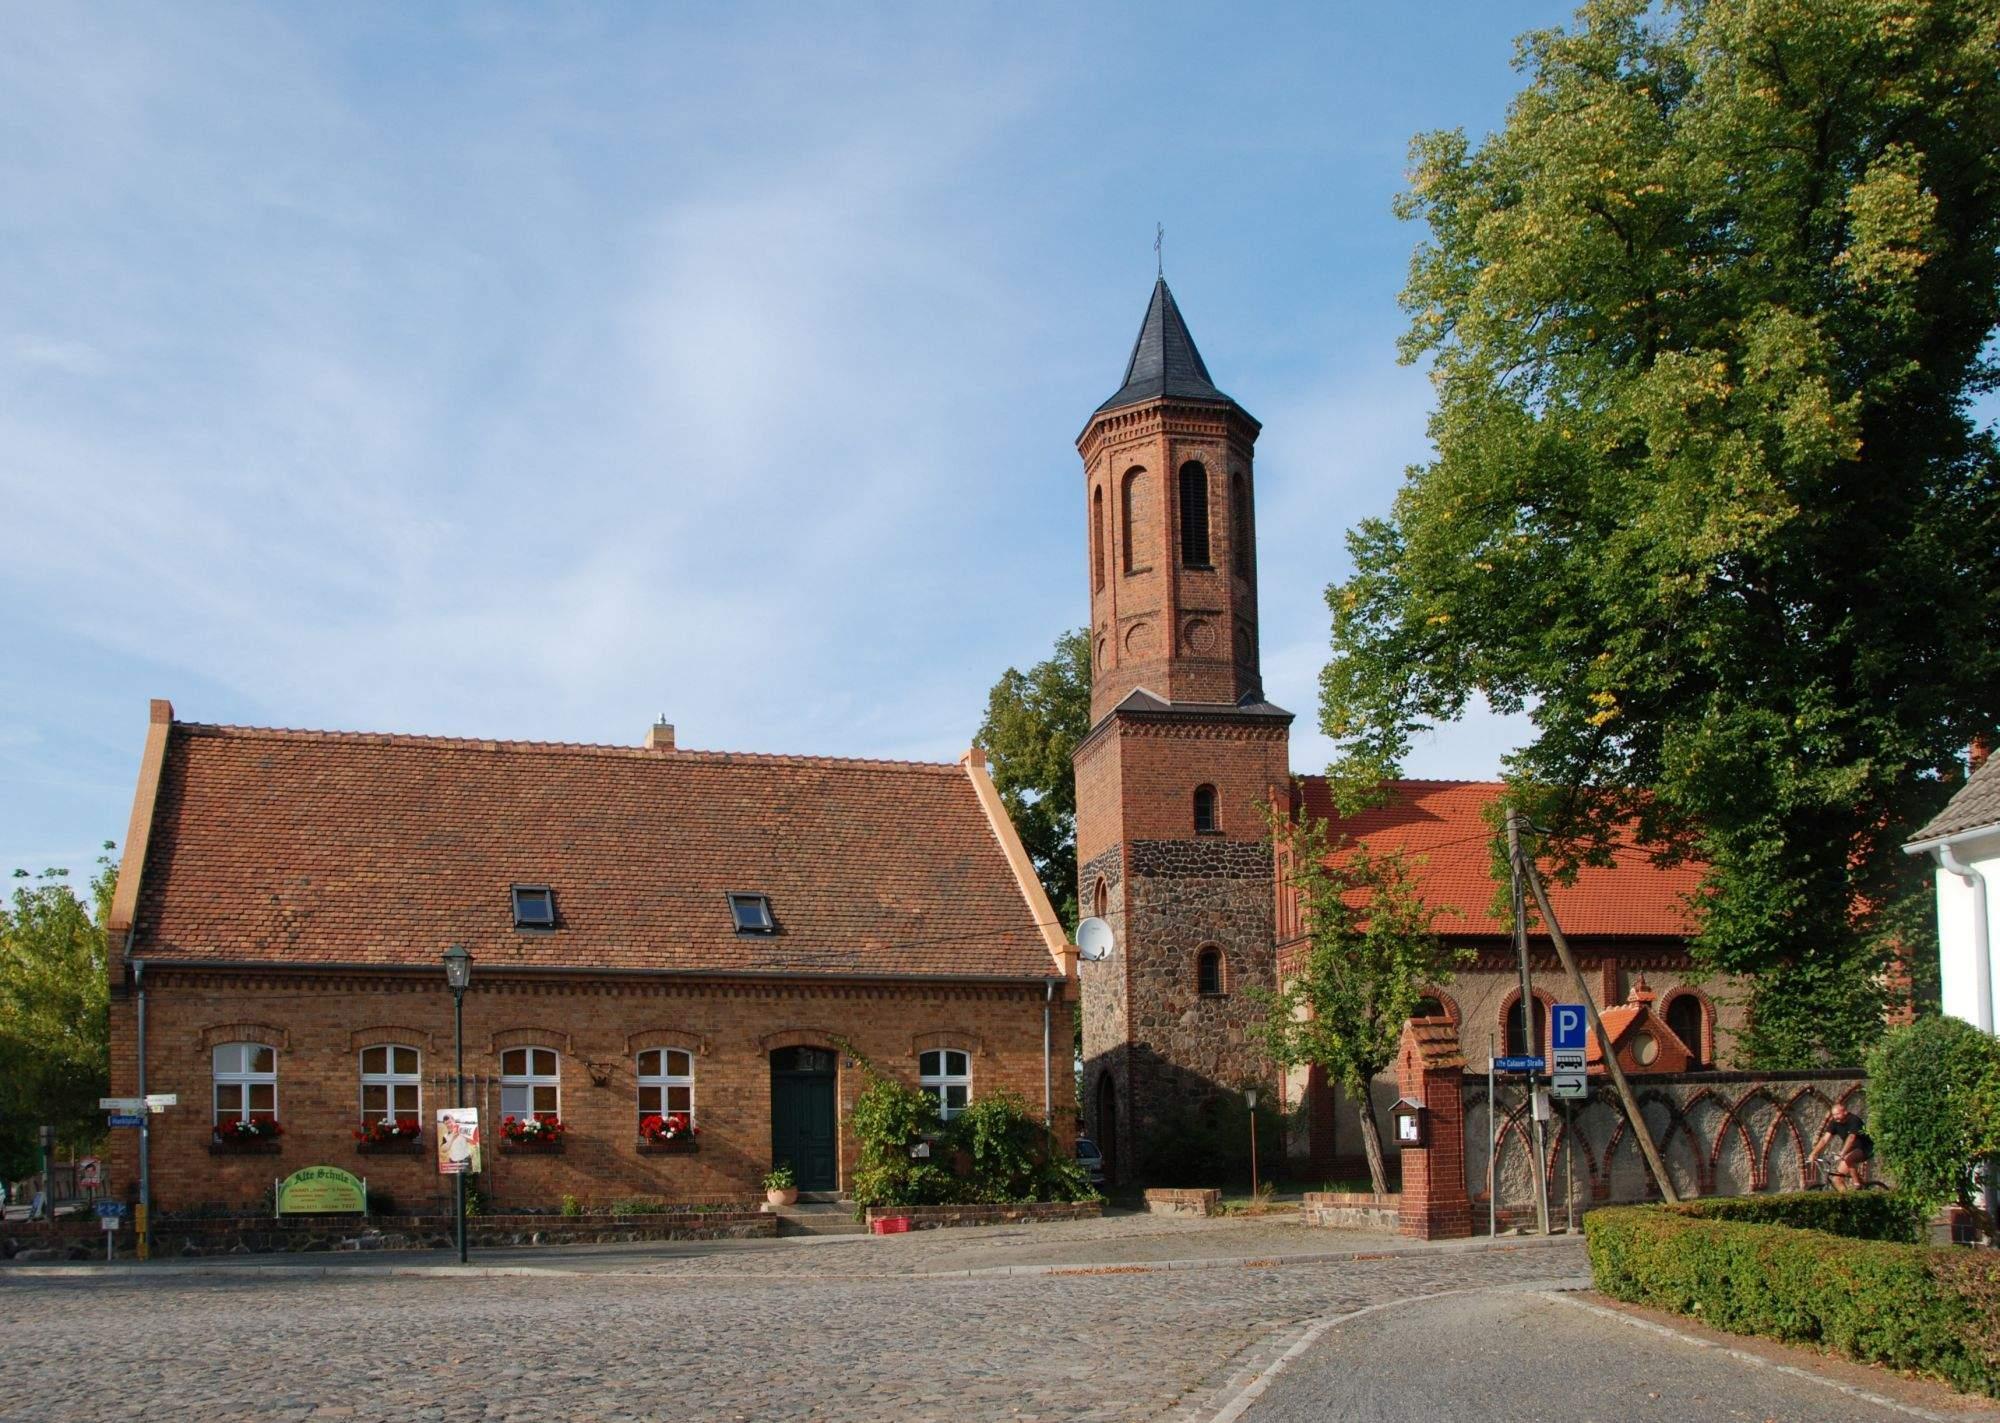 LDS-FuerstlDrehna-DoKi-BLDAM-2009.jpg